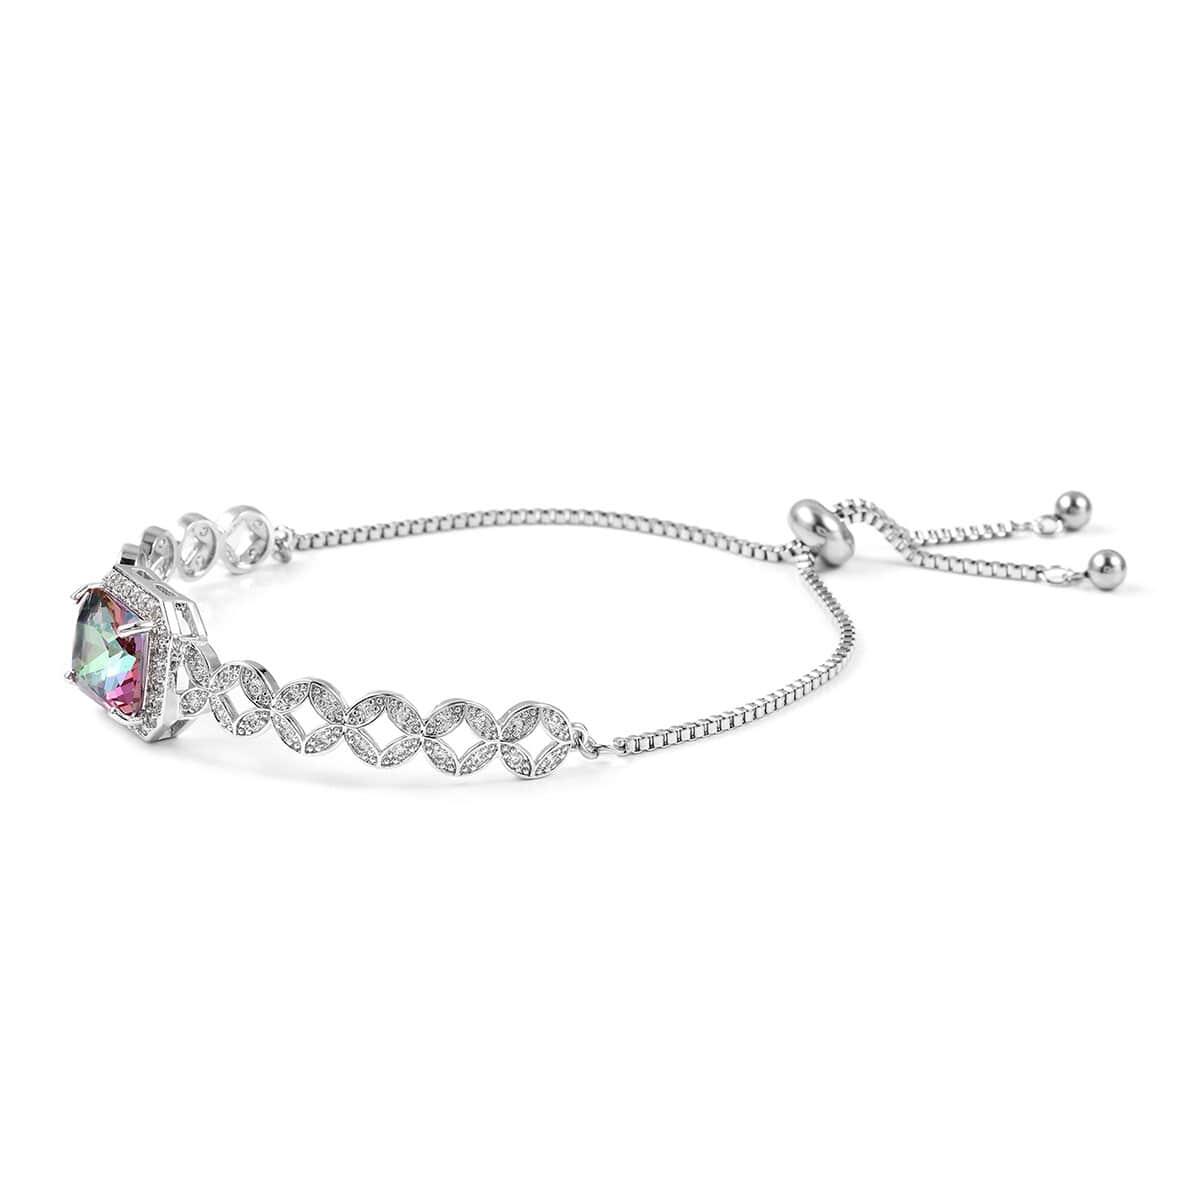 12-Color-Options-Cubic-Zirconia-Bracelet-Chain-Pendant-Necklace-Set-Adjustable thumbnail 39